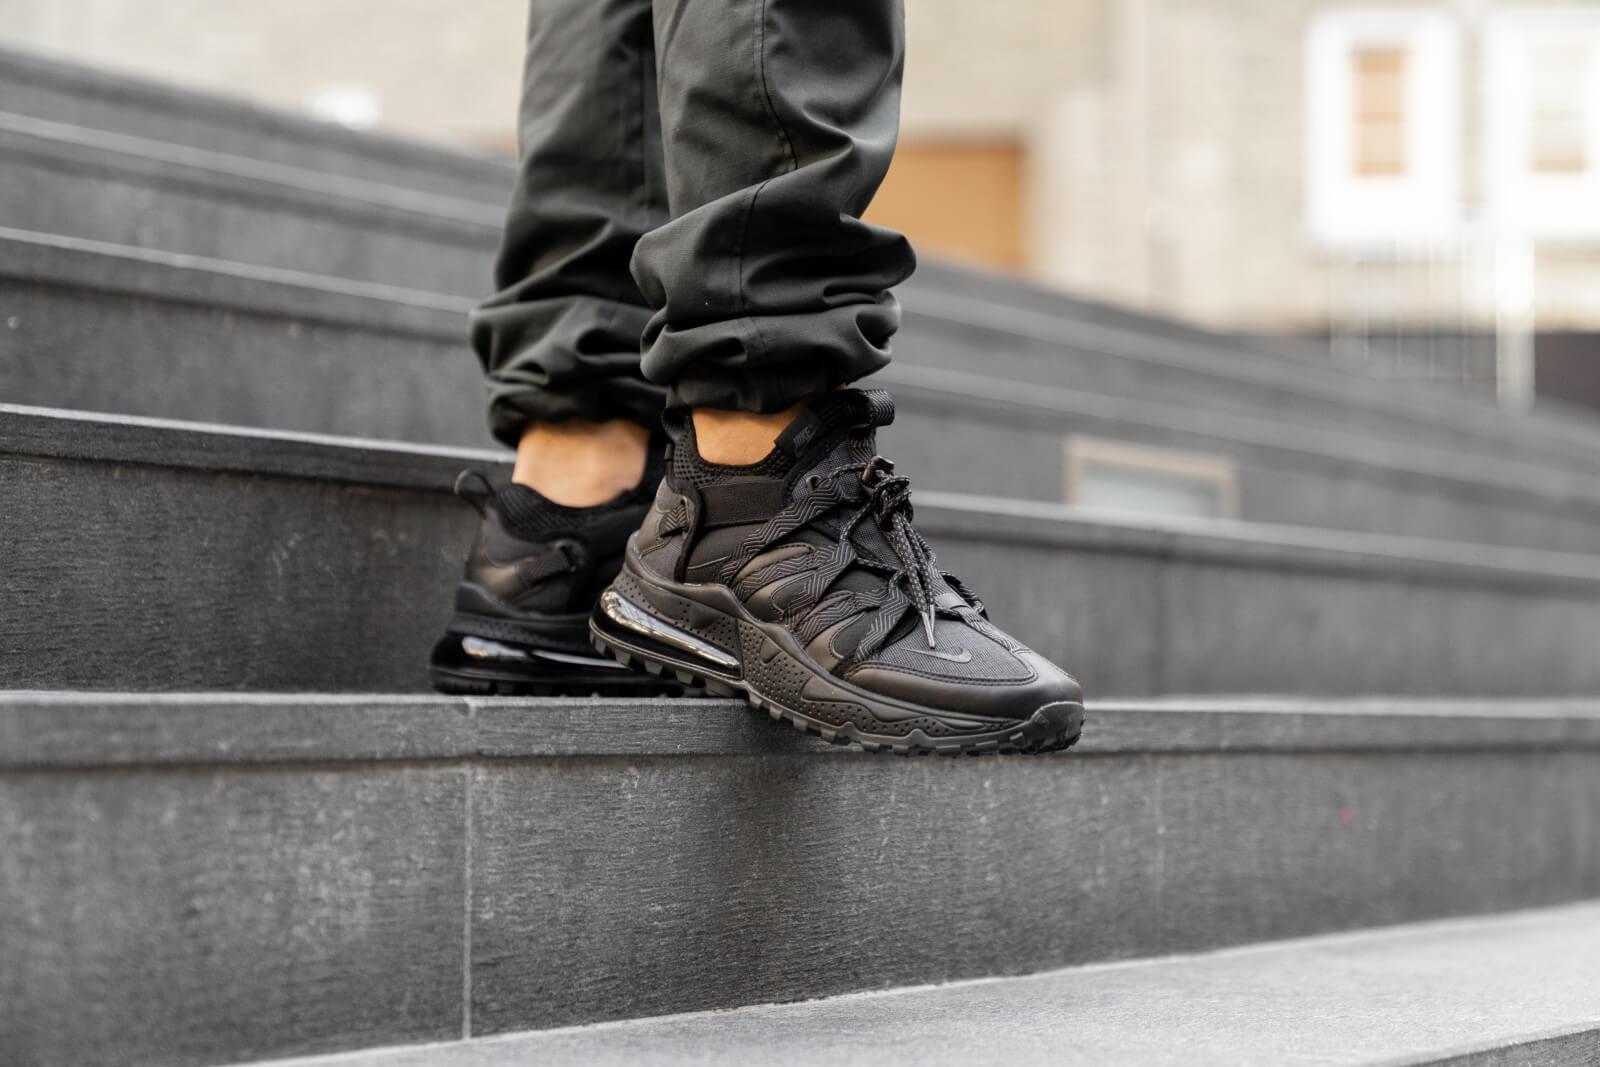 Nike Air Max 270 Bowfin Black